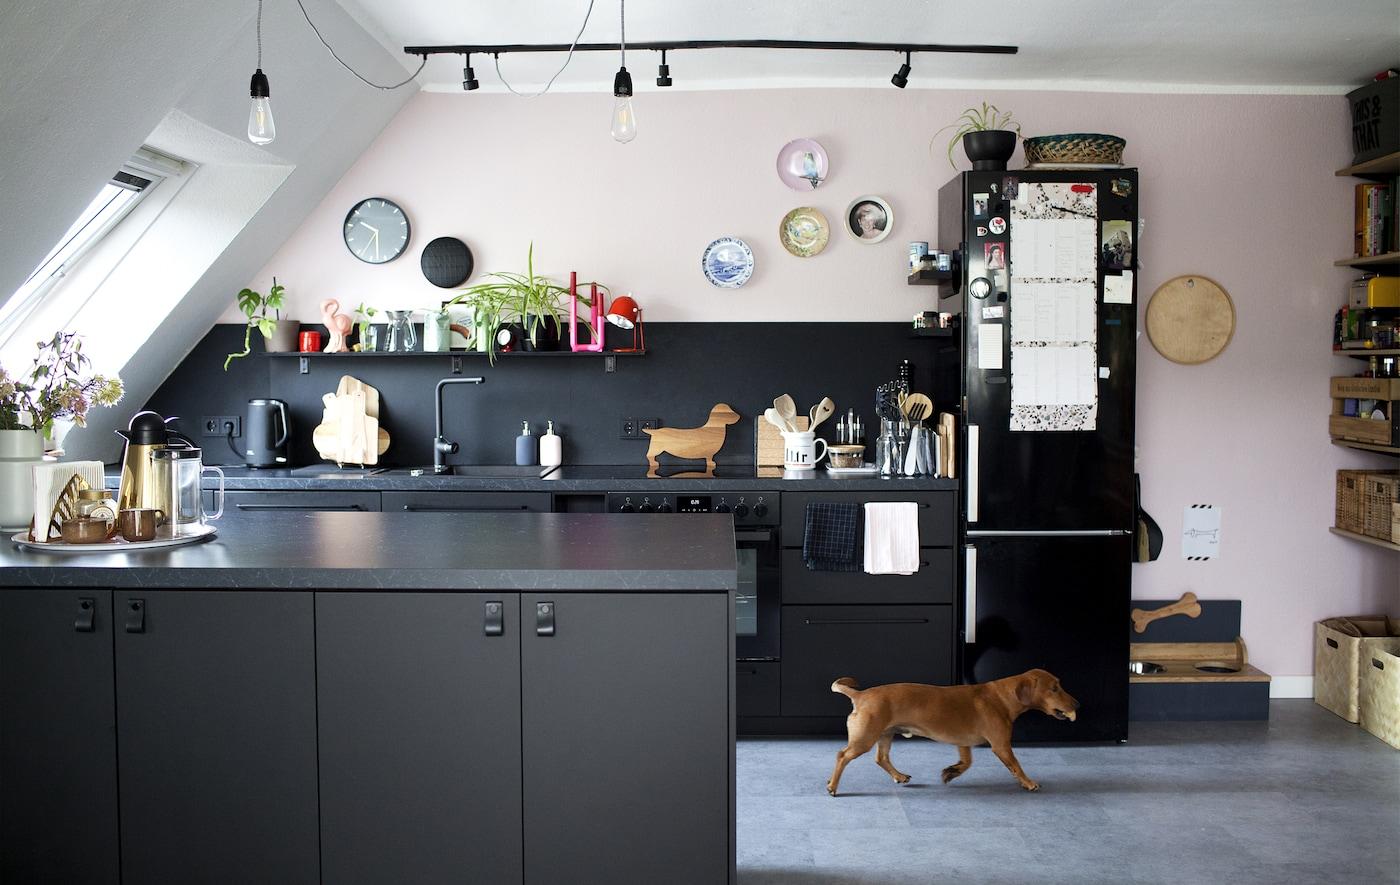 Eine schwarz-weisse Küche mit hellrosa Wänden, in der ein kleiner Hund zu sehen ist